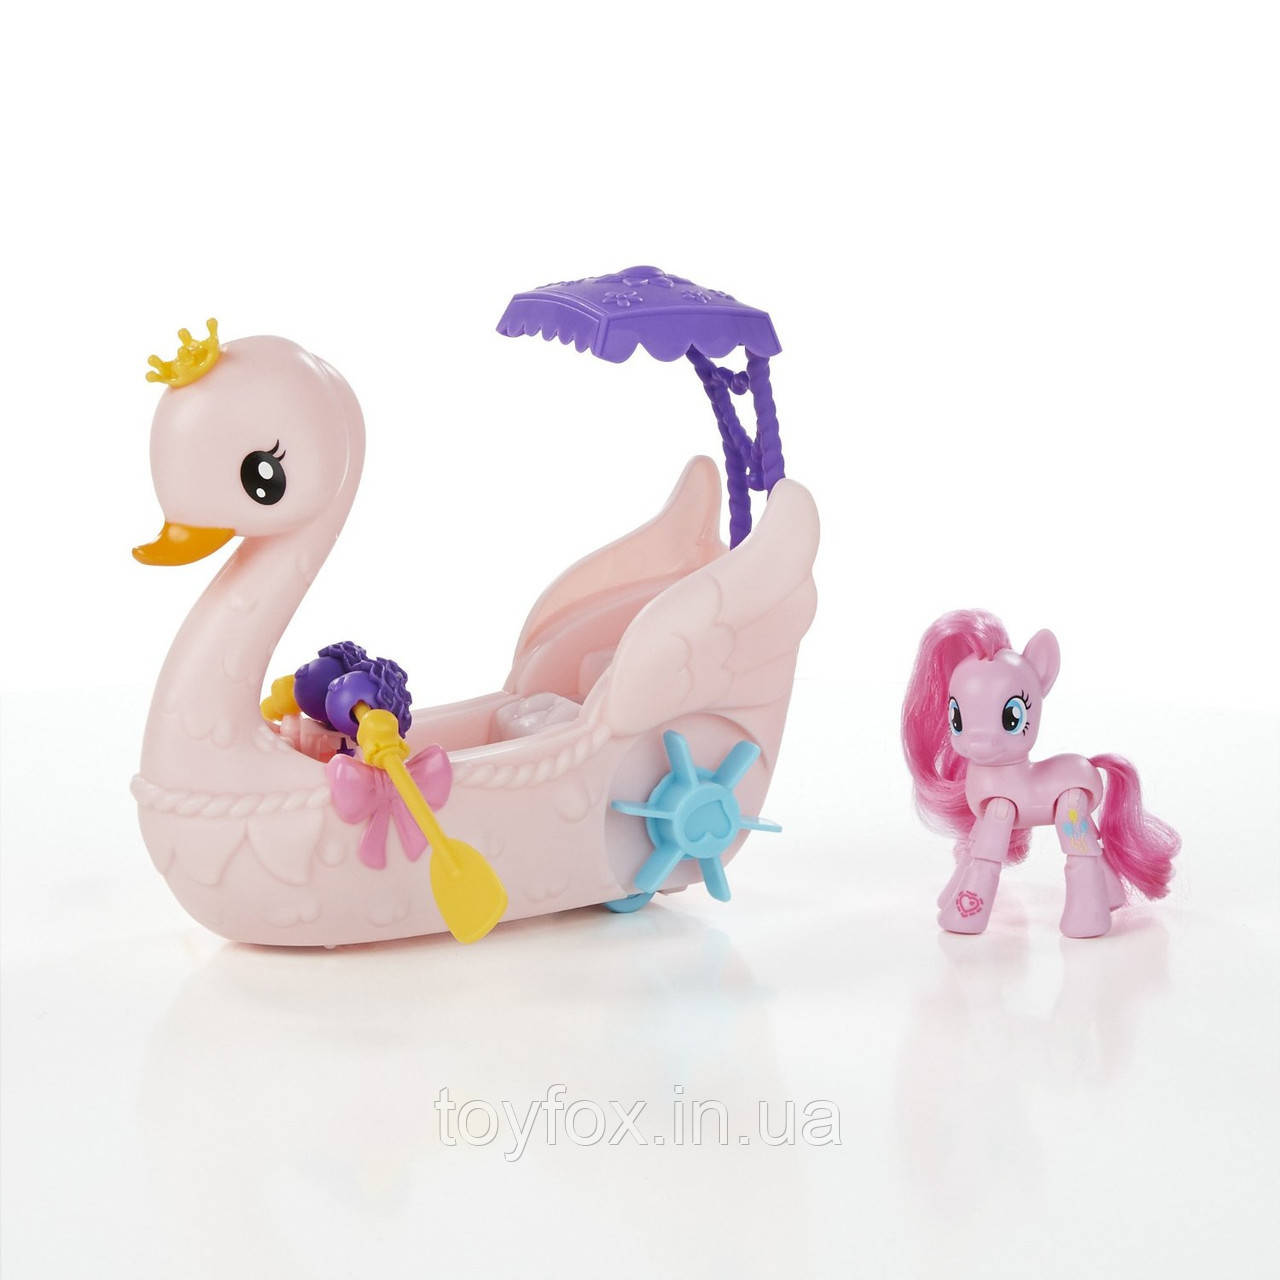 Купить Игровые фигурки, роботы трансформеры, Детский Игровой набор для Девочек My Little Pony - Пинки Пай на лодке в виде розового лебедя с веслами и зонтом, Hasbro